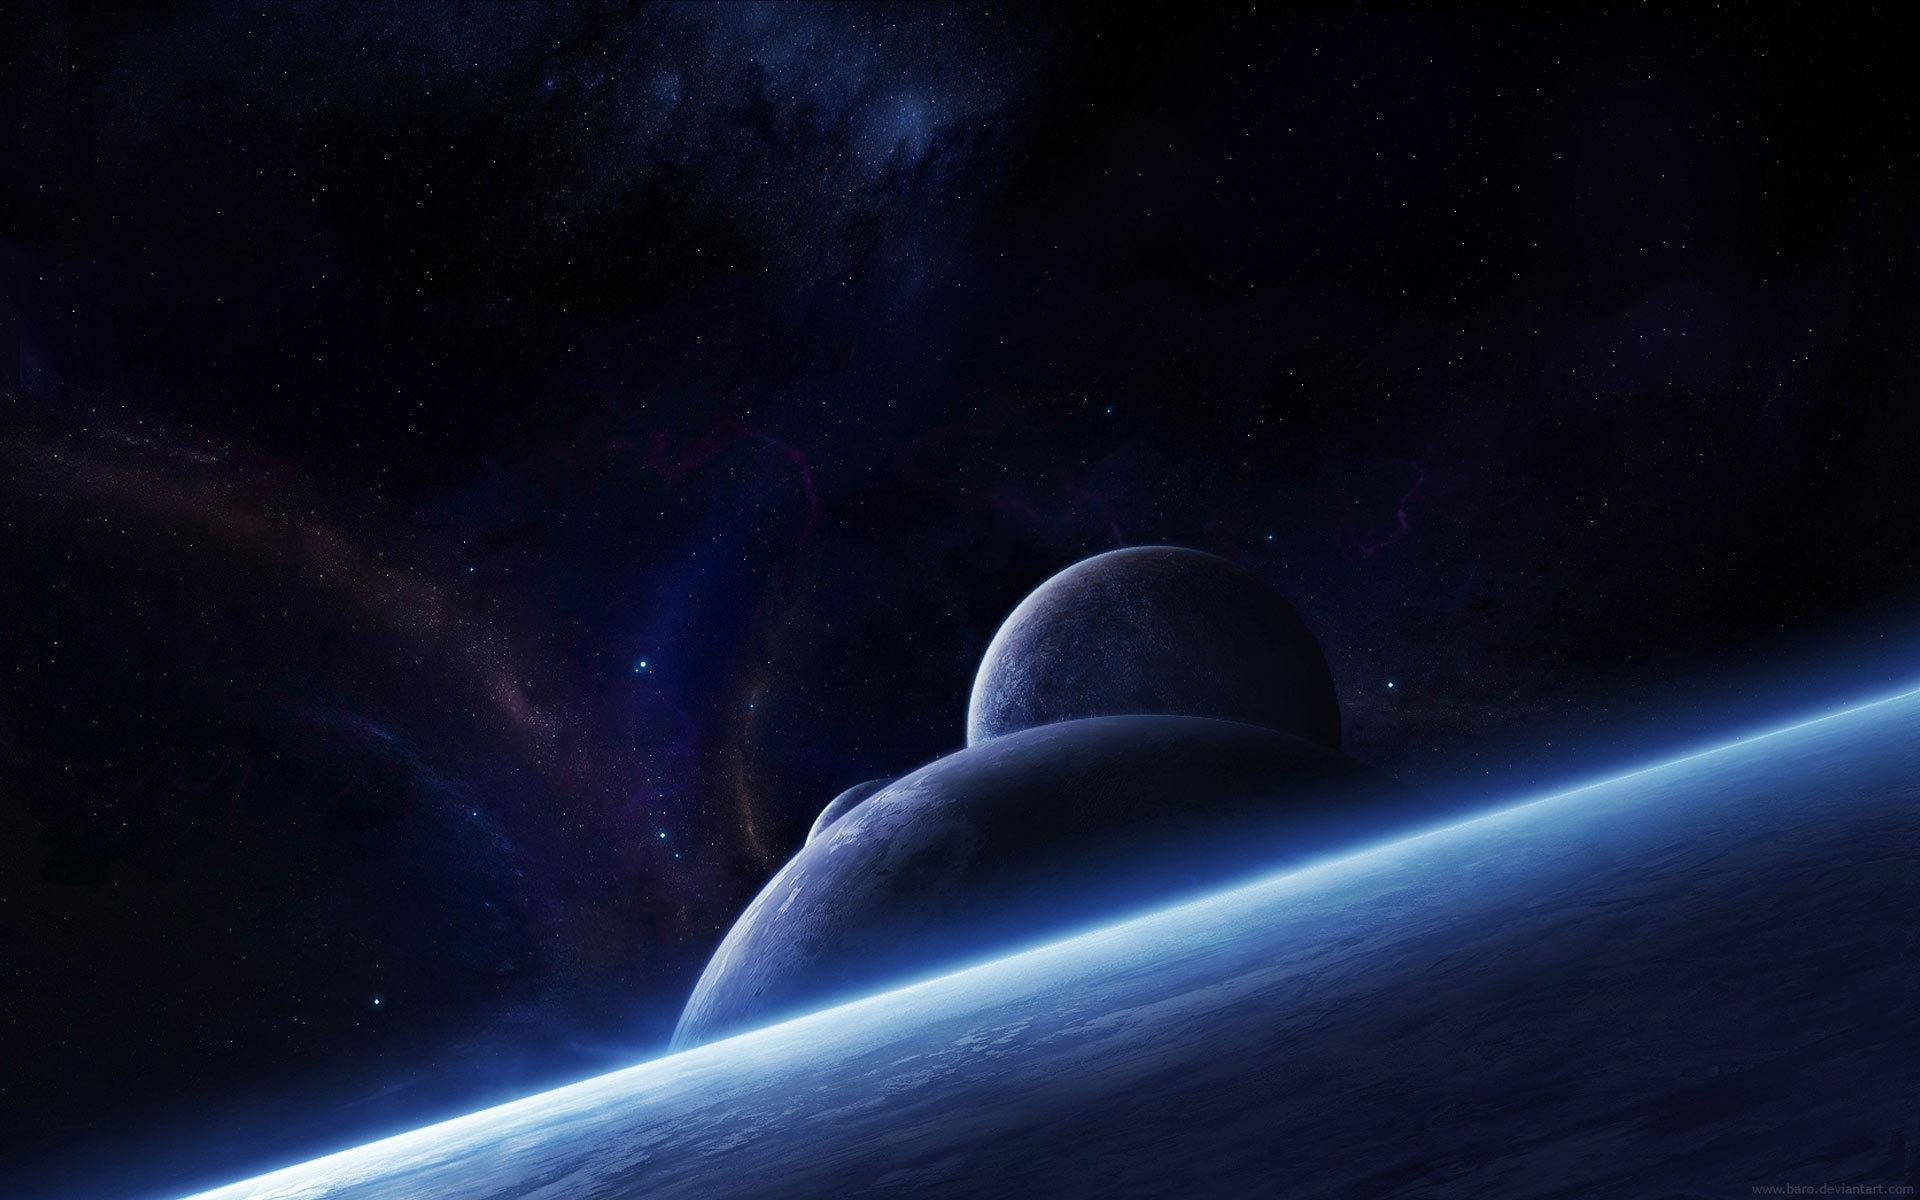 Обои планета космос орбита картинки на рабочий стол на тему Космос - скачать  № 1757045 бесплатно